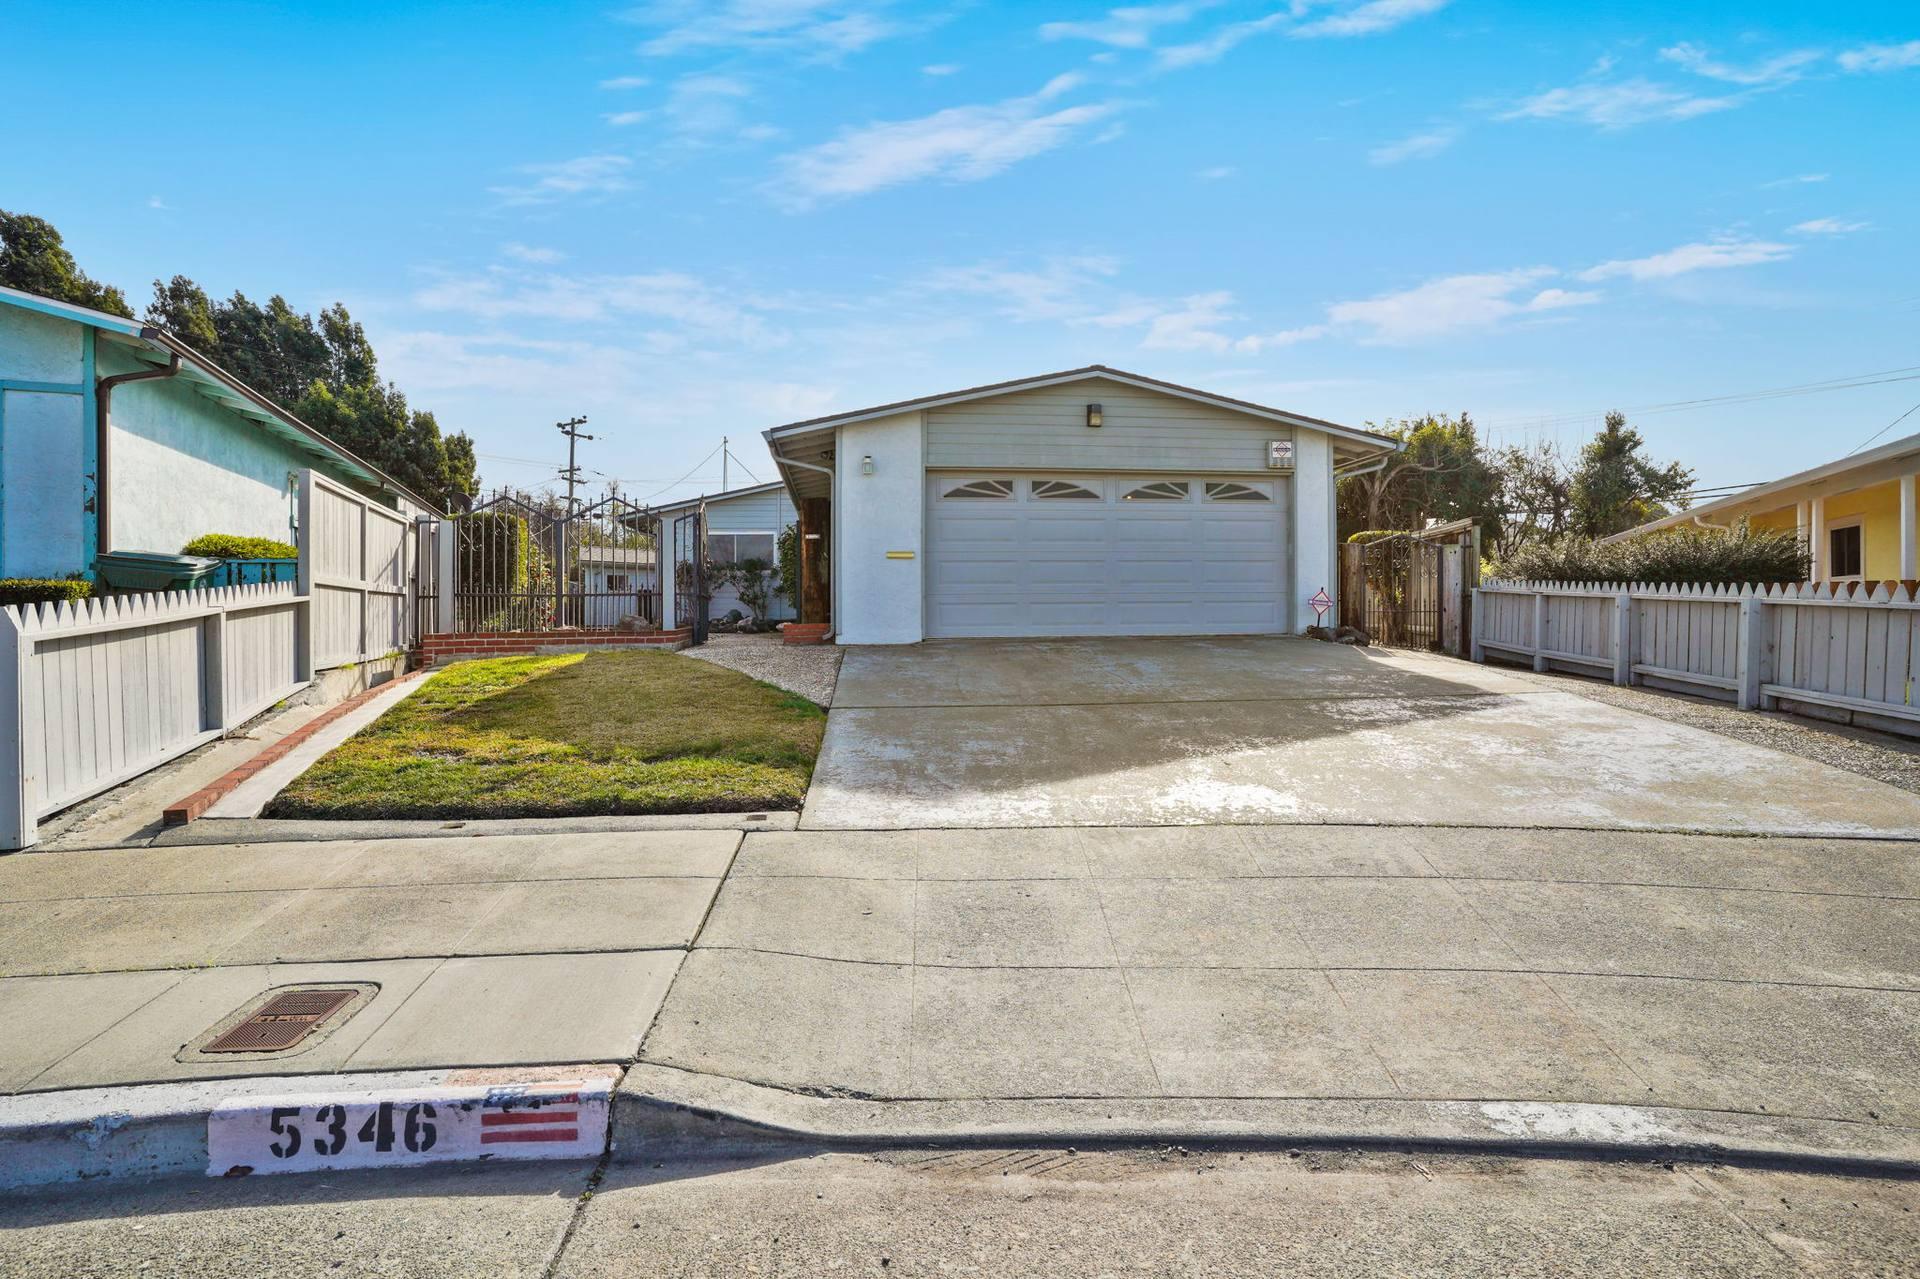 5346 Fallon Ave, Richmond, CA 94804, US